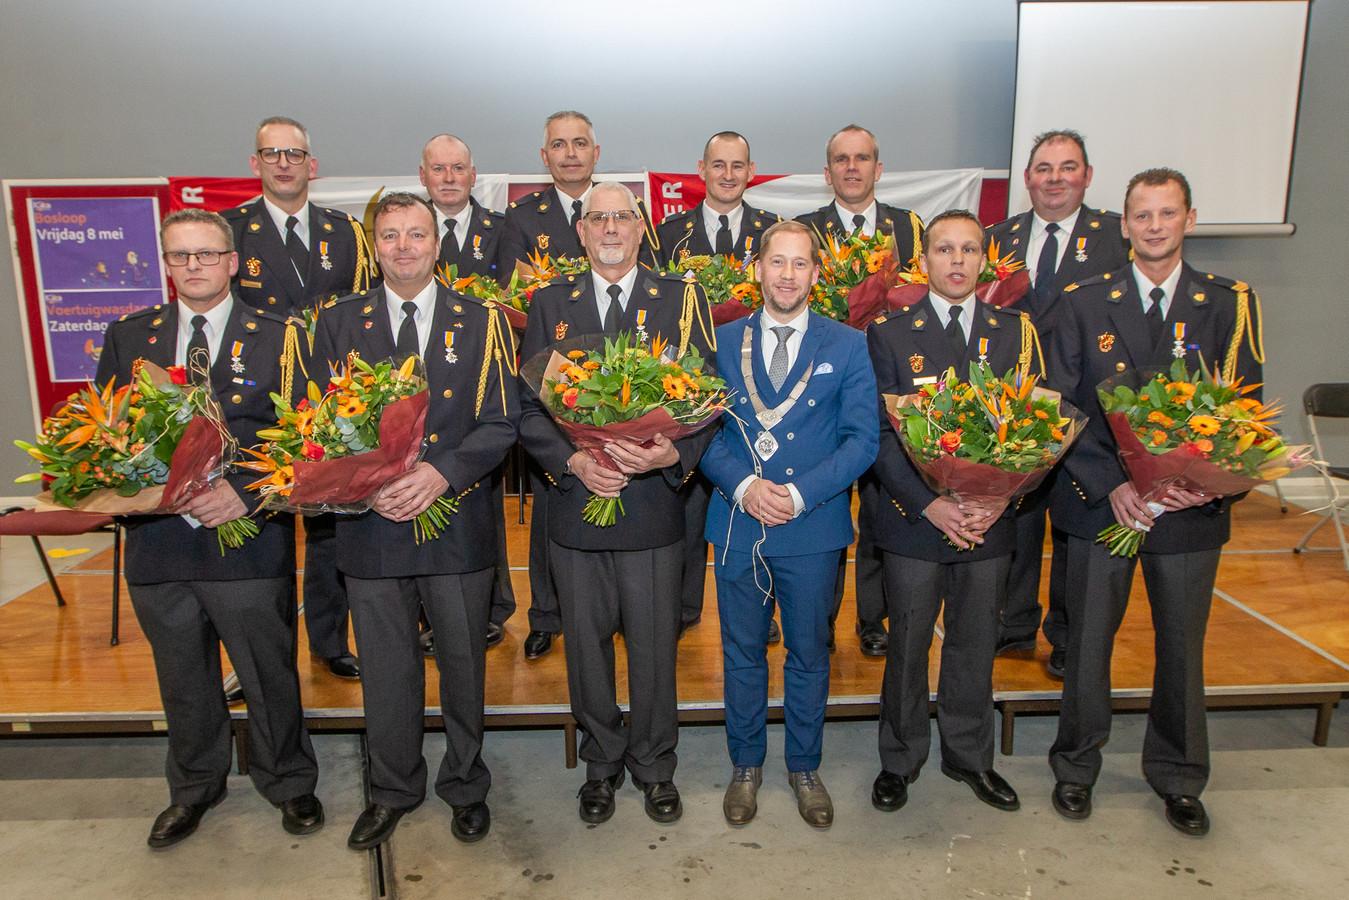 Burgemeester Jan Nathan Rozendaal van Elburg met de elf onderscheiden brandweerlieden.